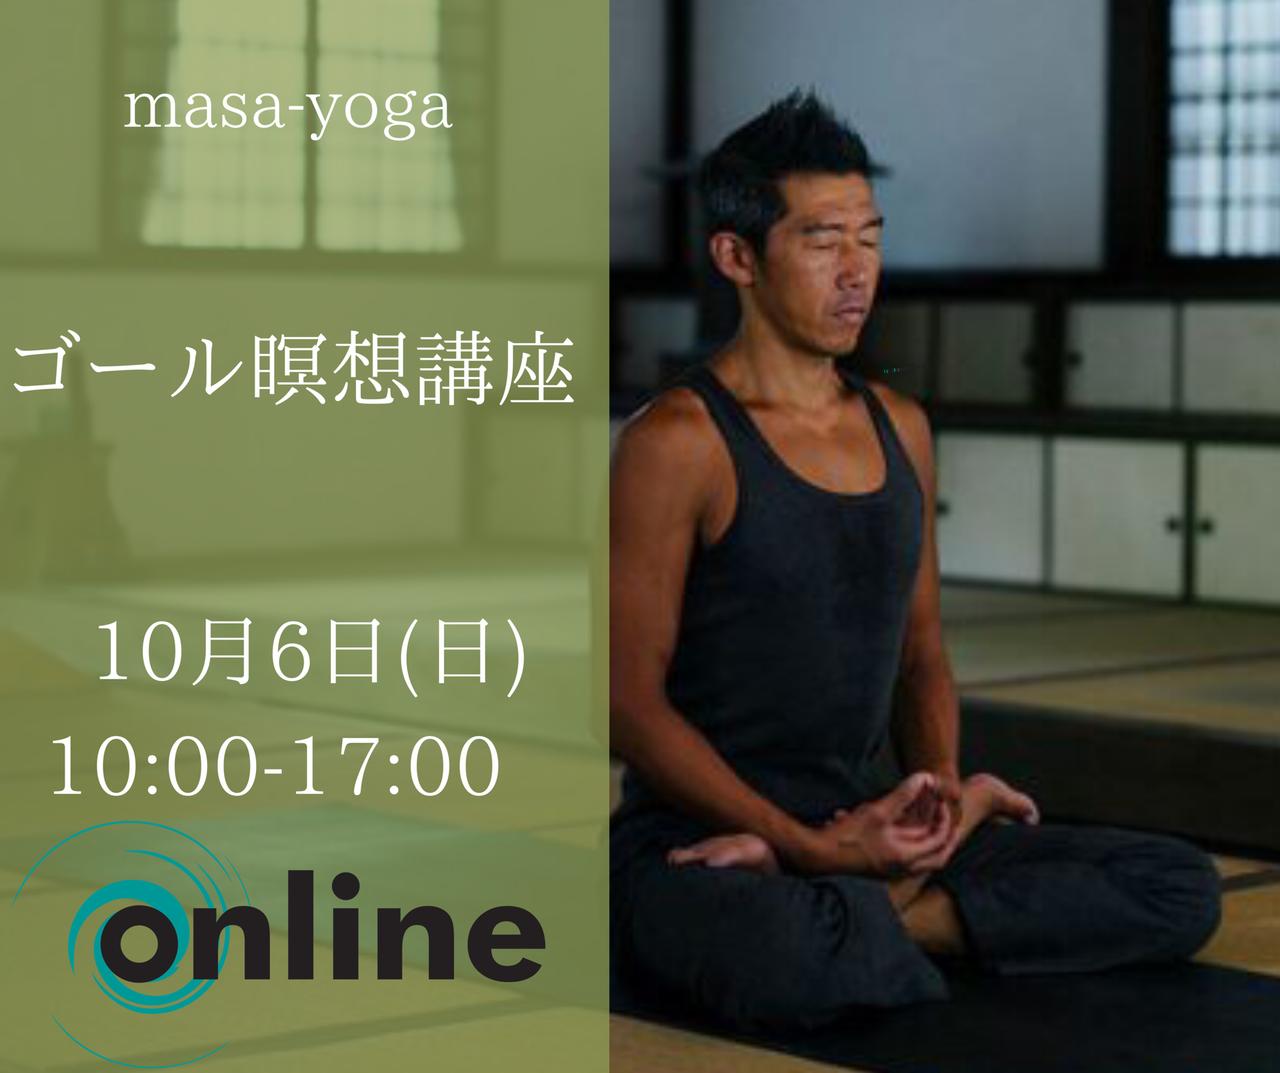 ✨オンライン✨ 確実に夢を叶える「ゴール瞑想」1日集中講座